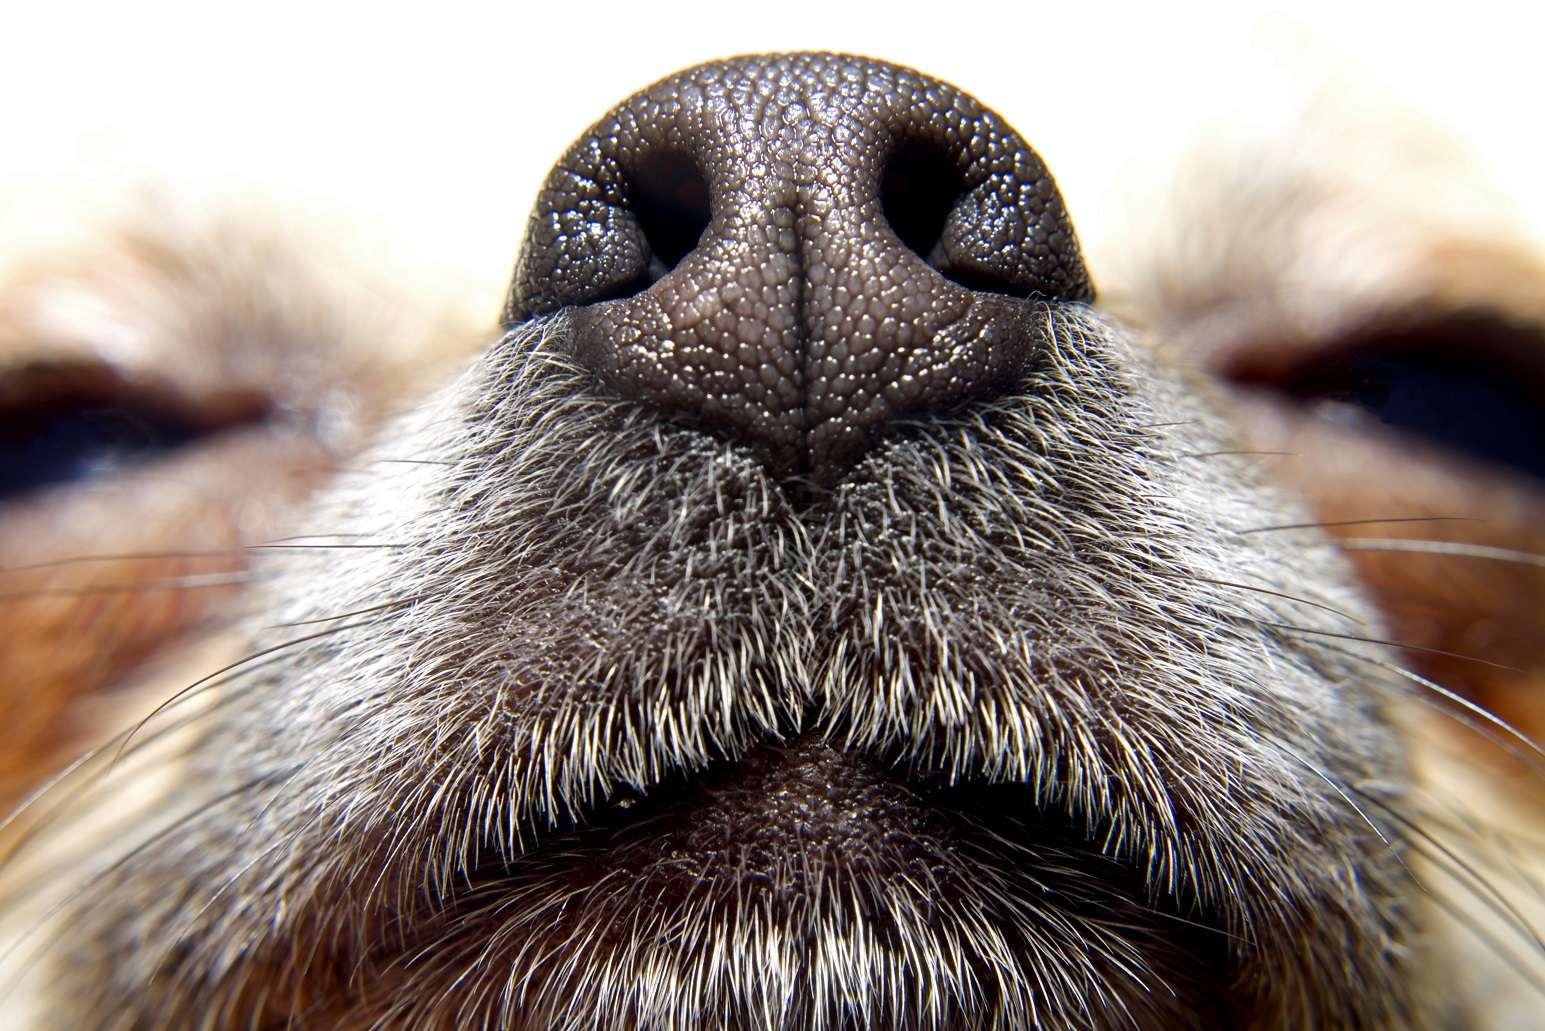 L'odorat des chiens est redoutable pour identifier une personne suspecte. © bimka, Shutterstock